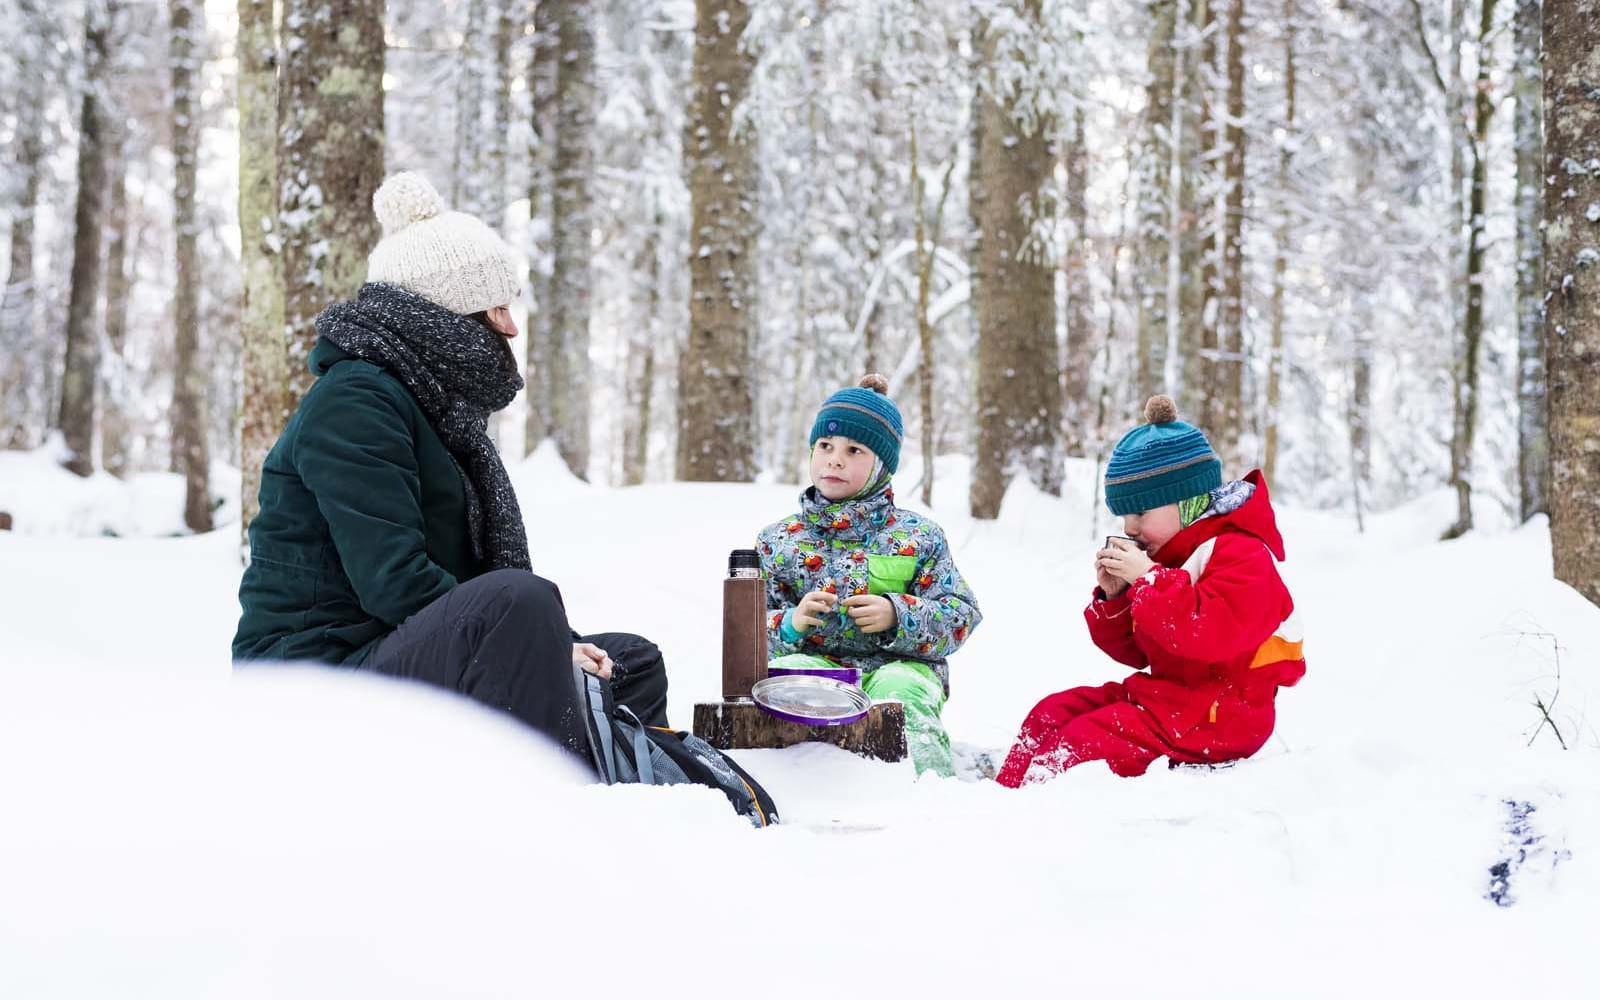 Pause gouter à la neige en famille